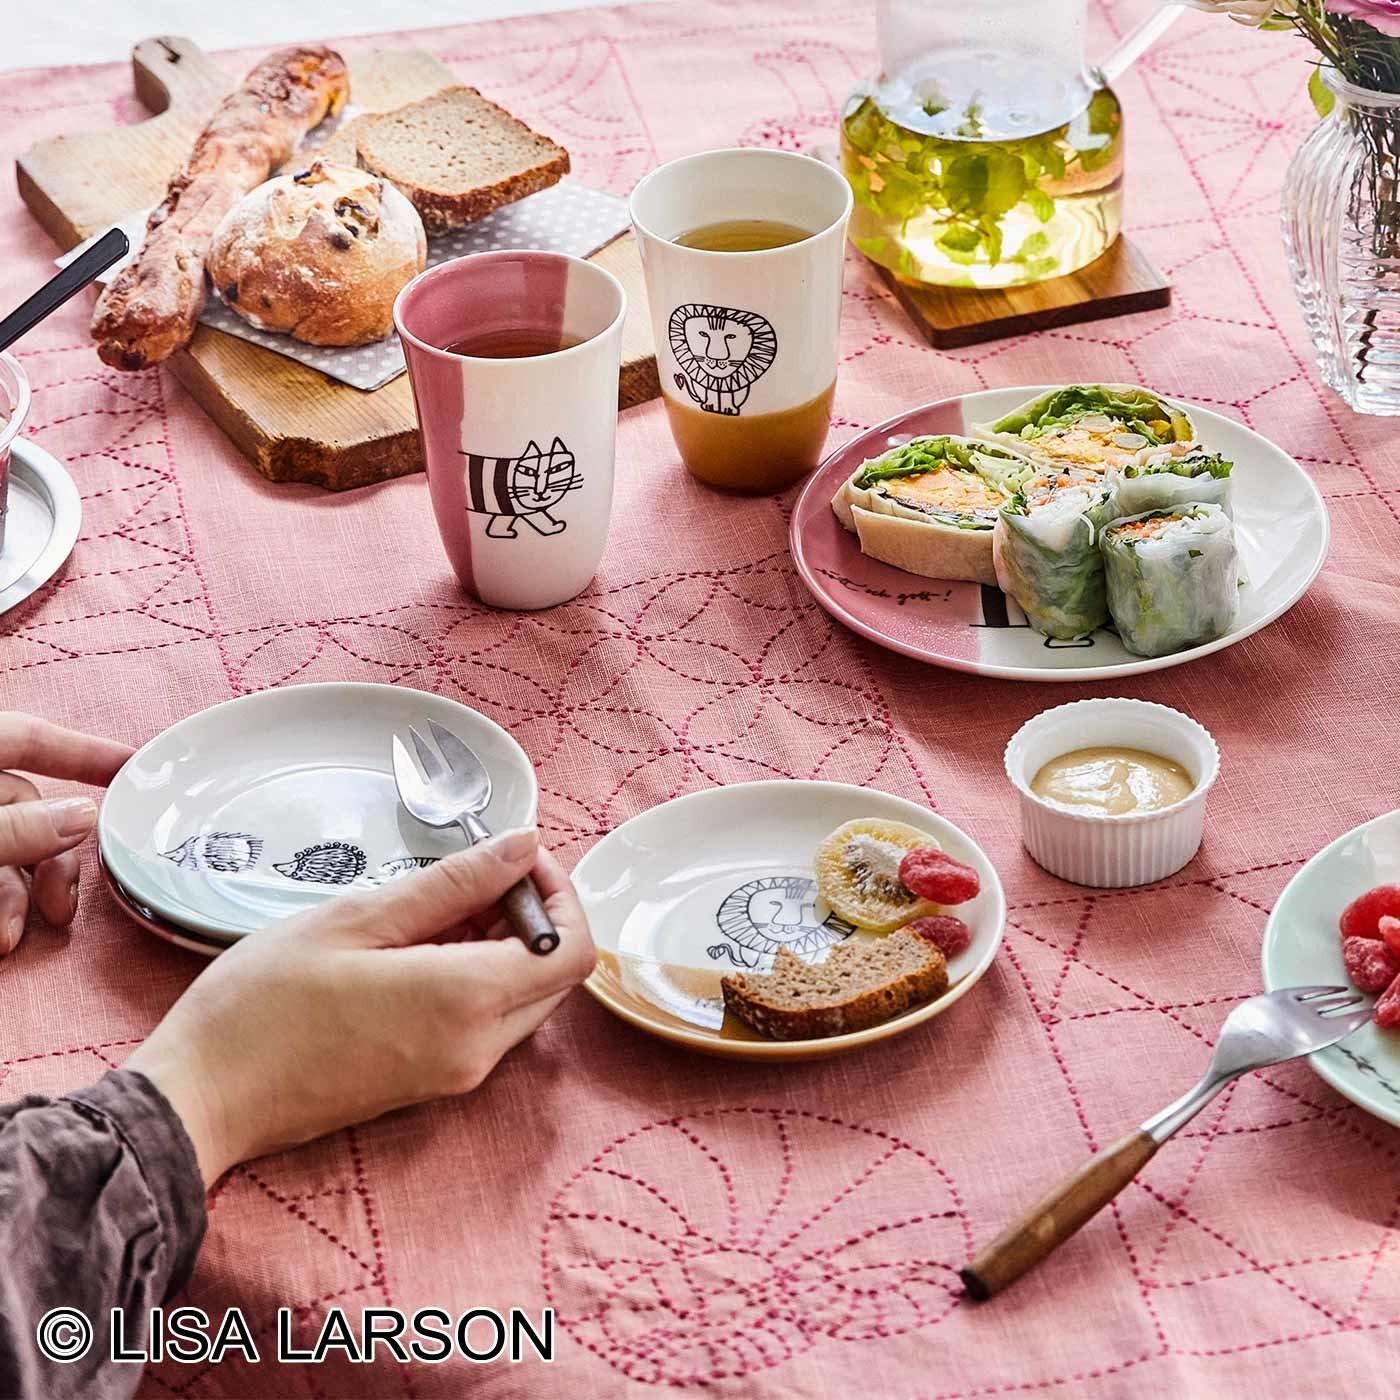 リサ・ラーソン 和にも洋にも使える 大きなお皿と小さなお皿の会